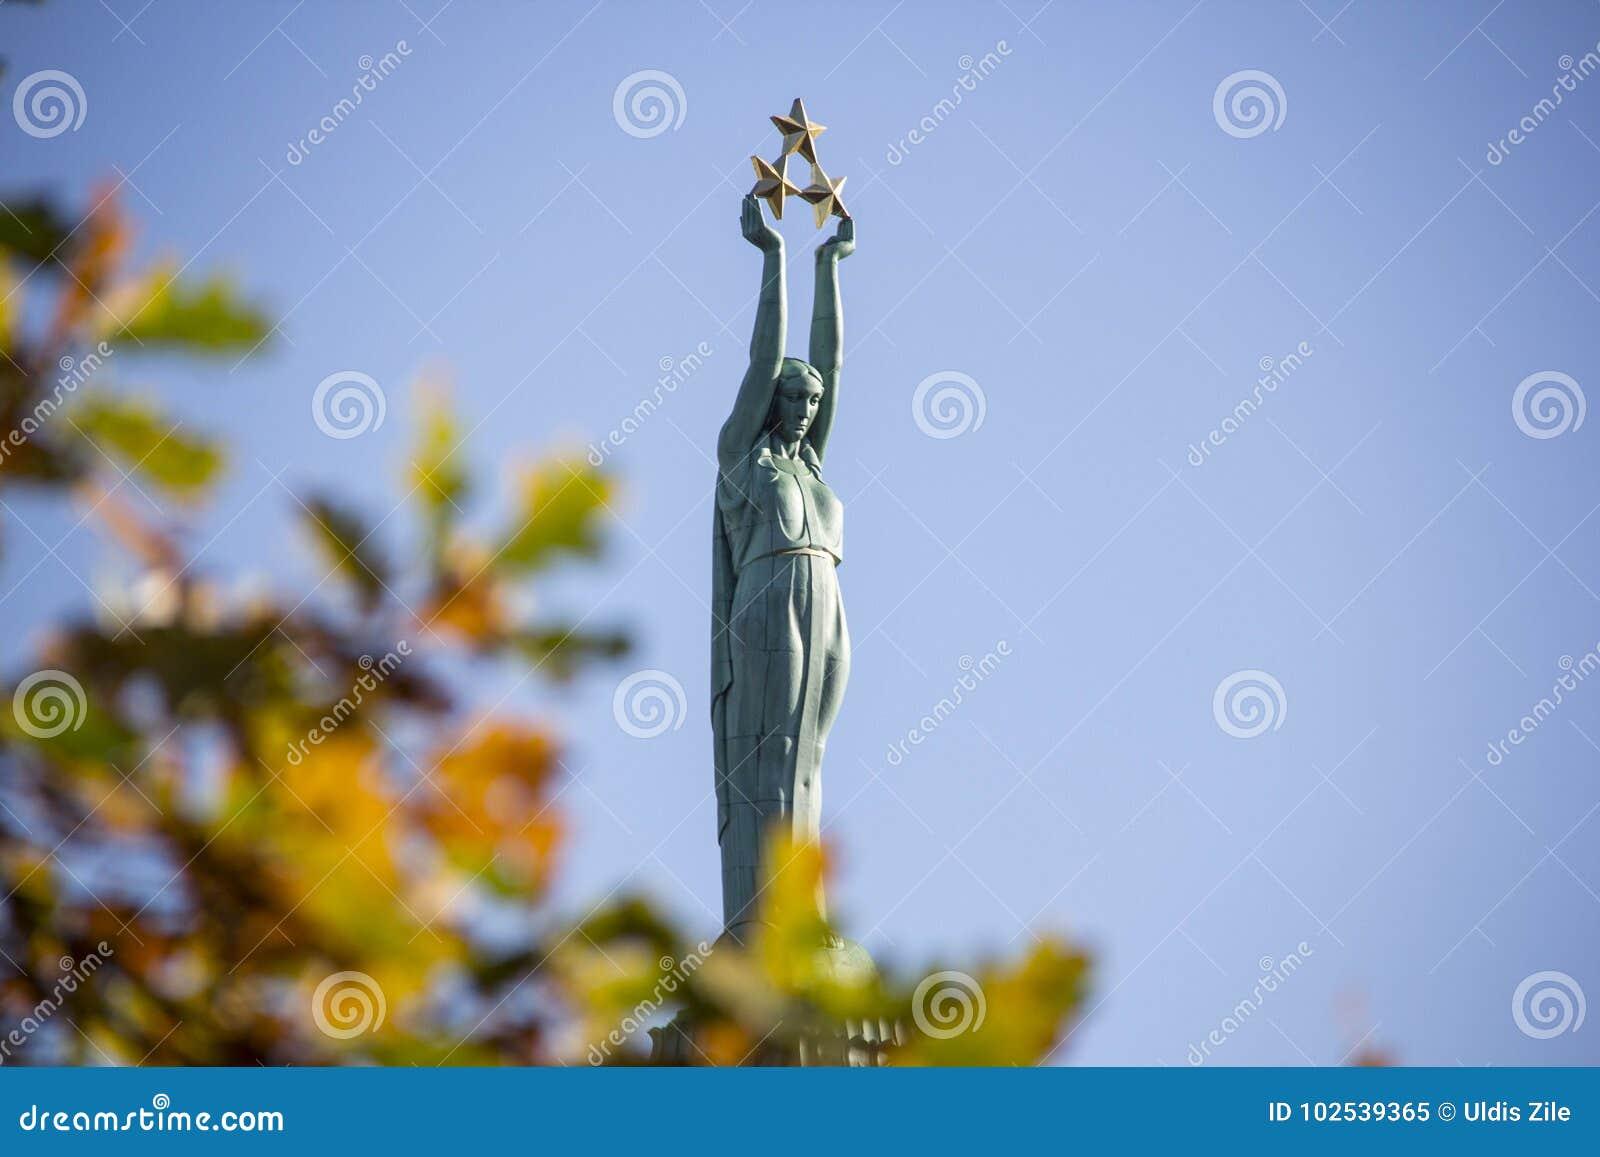 La Lettonie : Monument de liberté de Riga